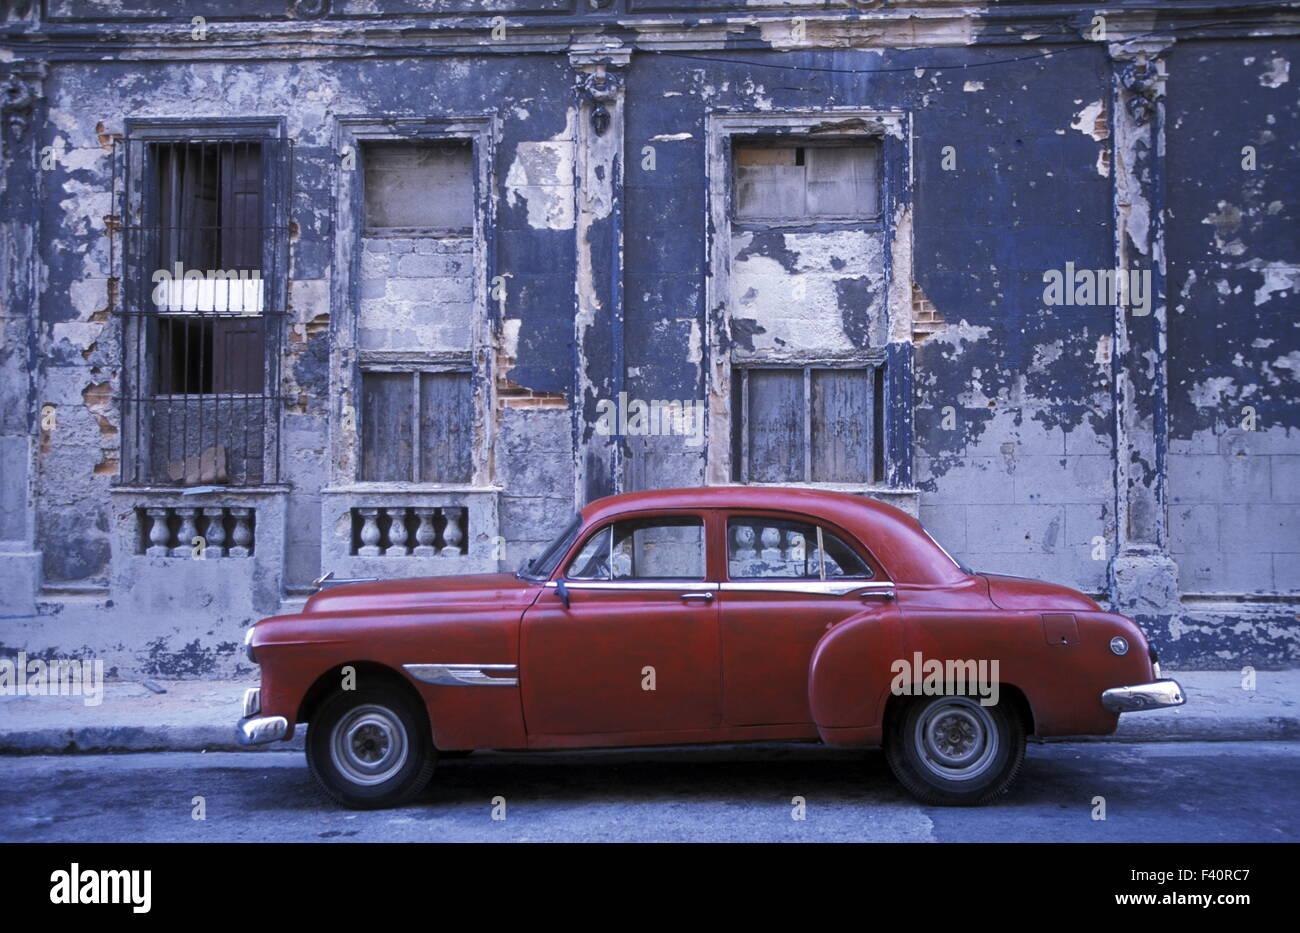 Amérique latine Cuba LA HAVANE Photo Stock